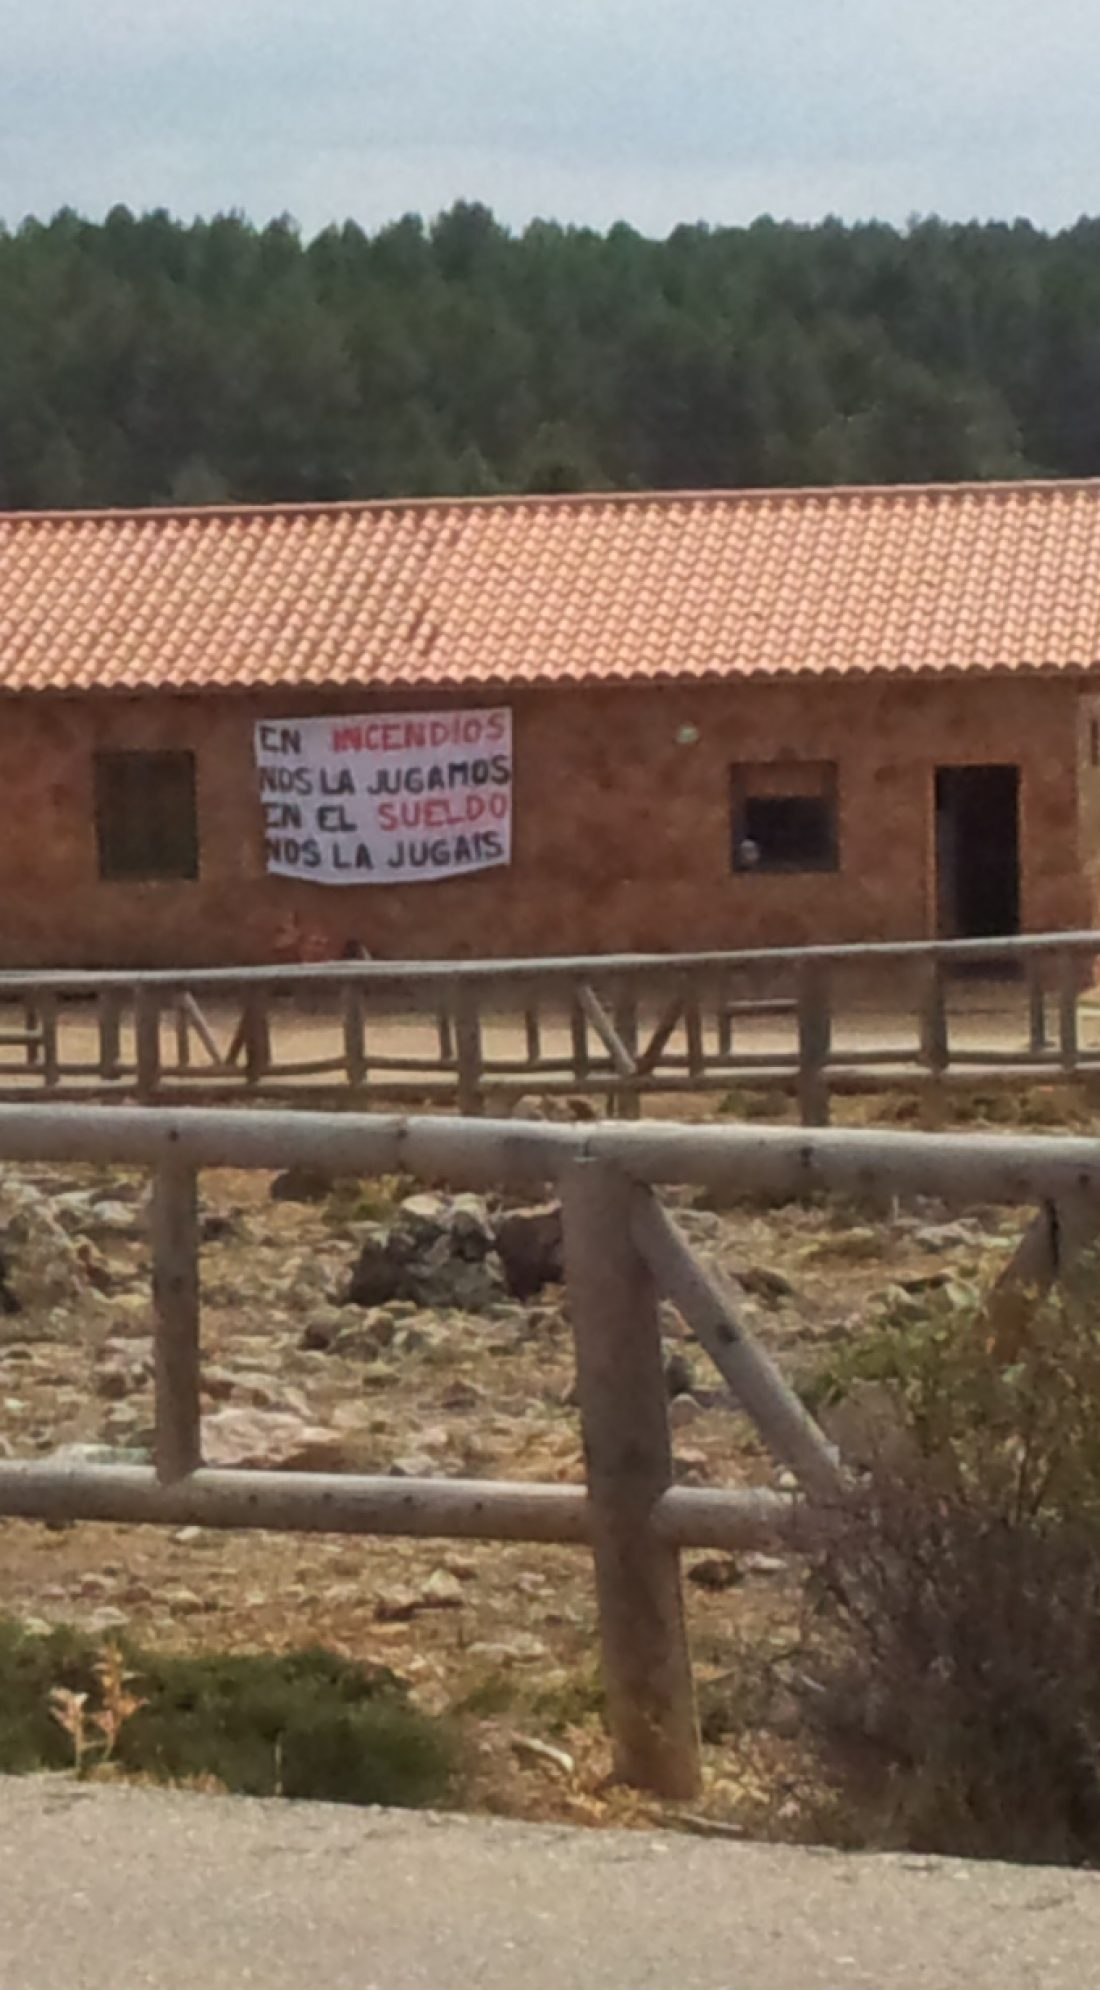 CGT TRAGSA denuncia la precariedad de l@s trabajadores BRIF (Brigadas de Refuerzo de Incendios Forestales)